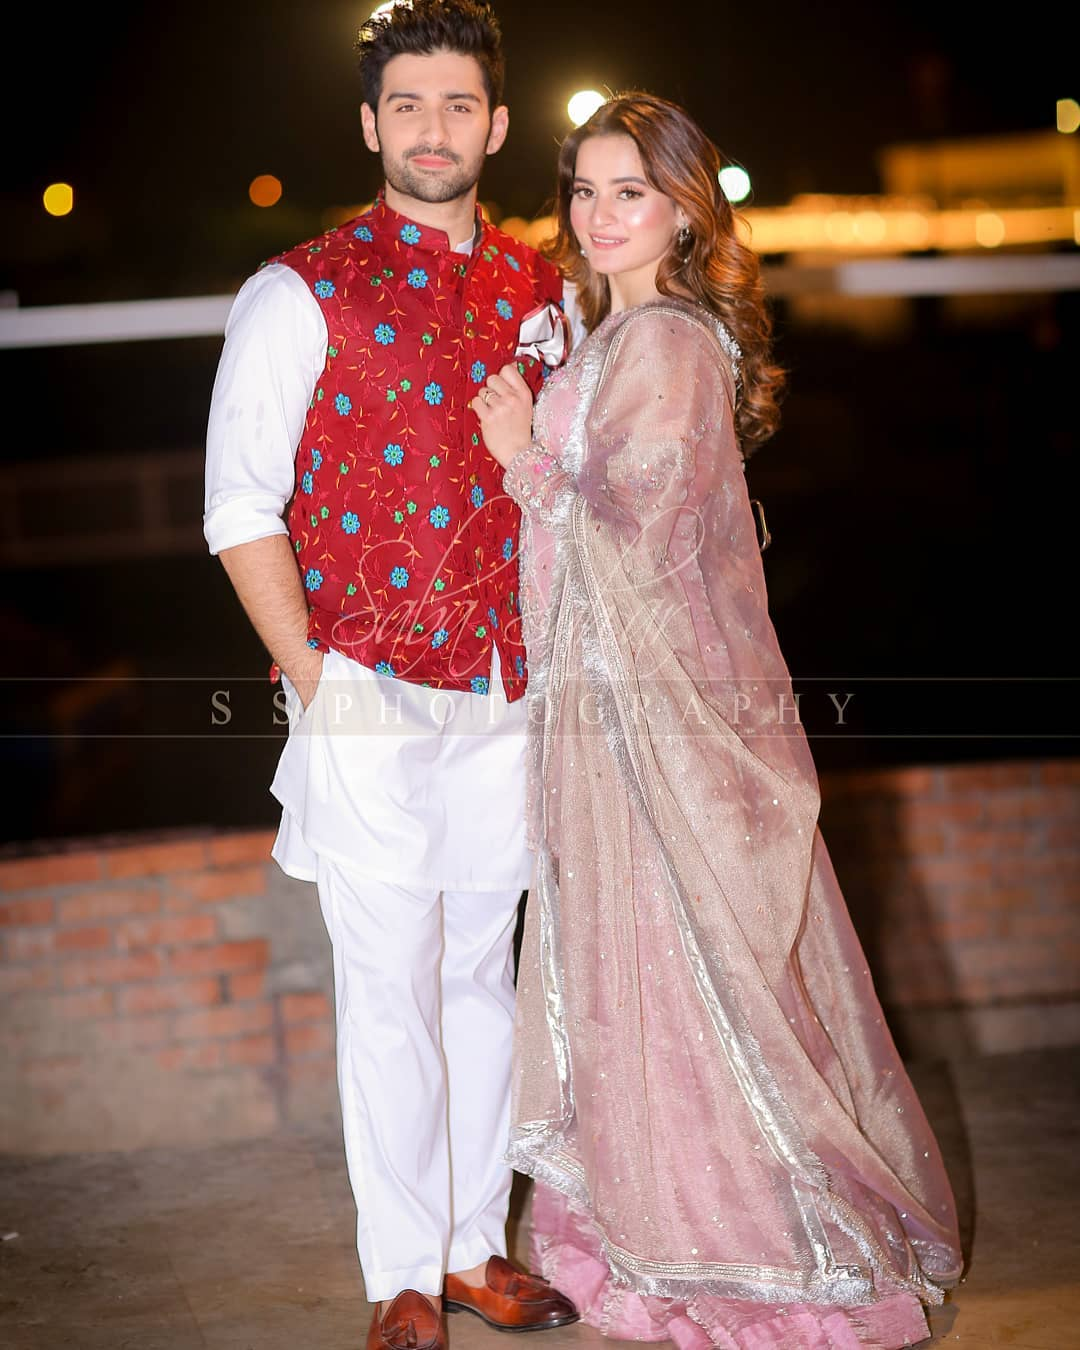 Awesome Wedding Photos of Raza Moosavee and Ramsha Kohati